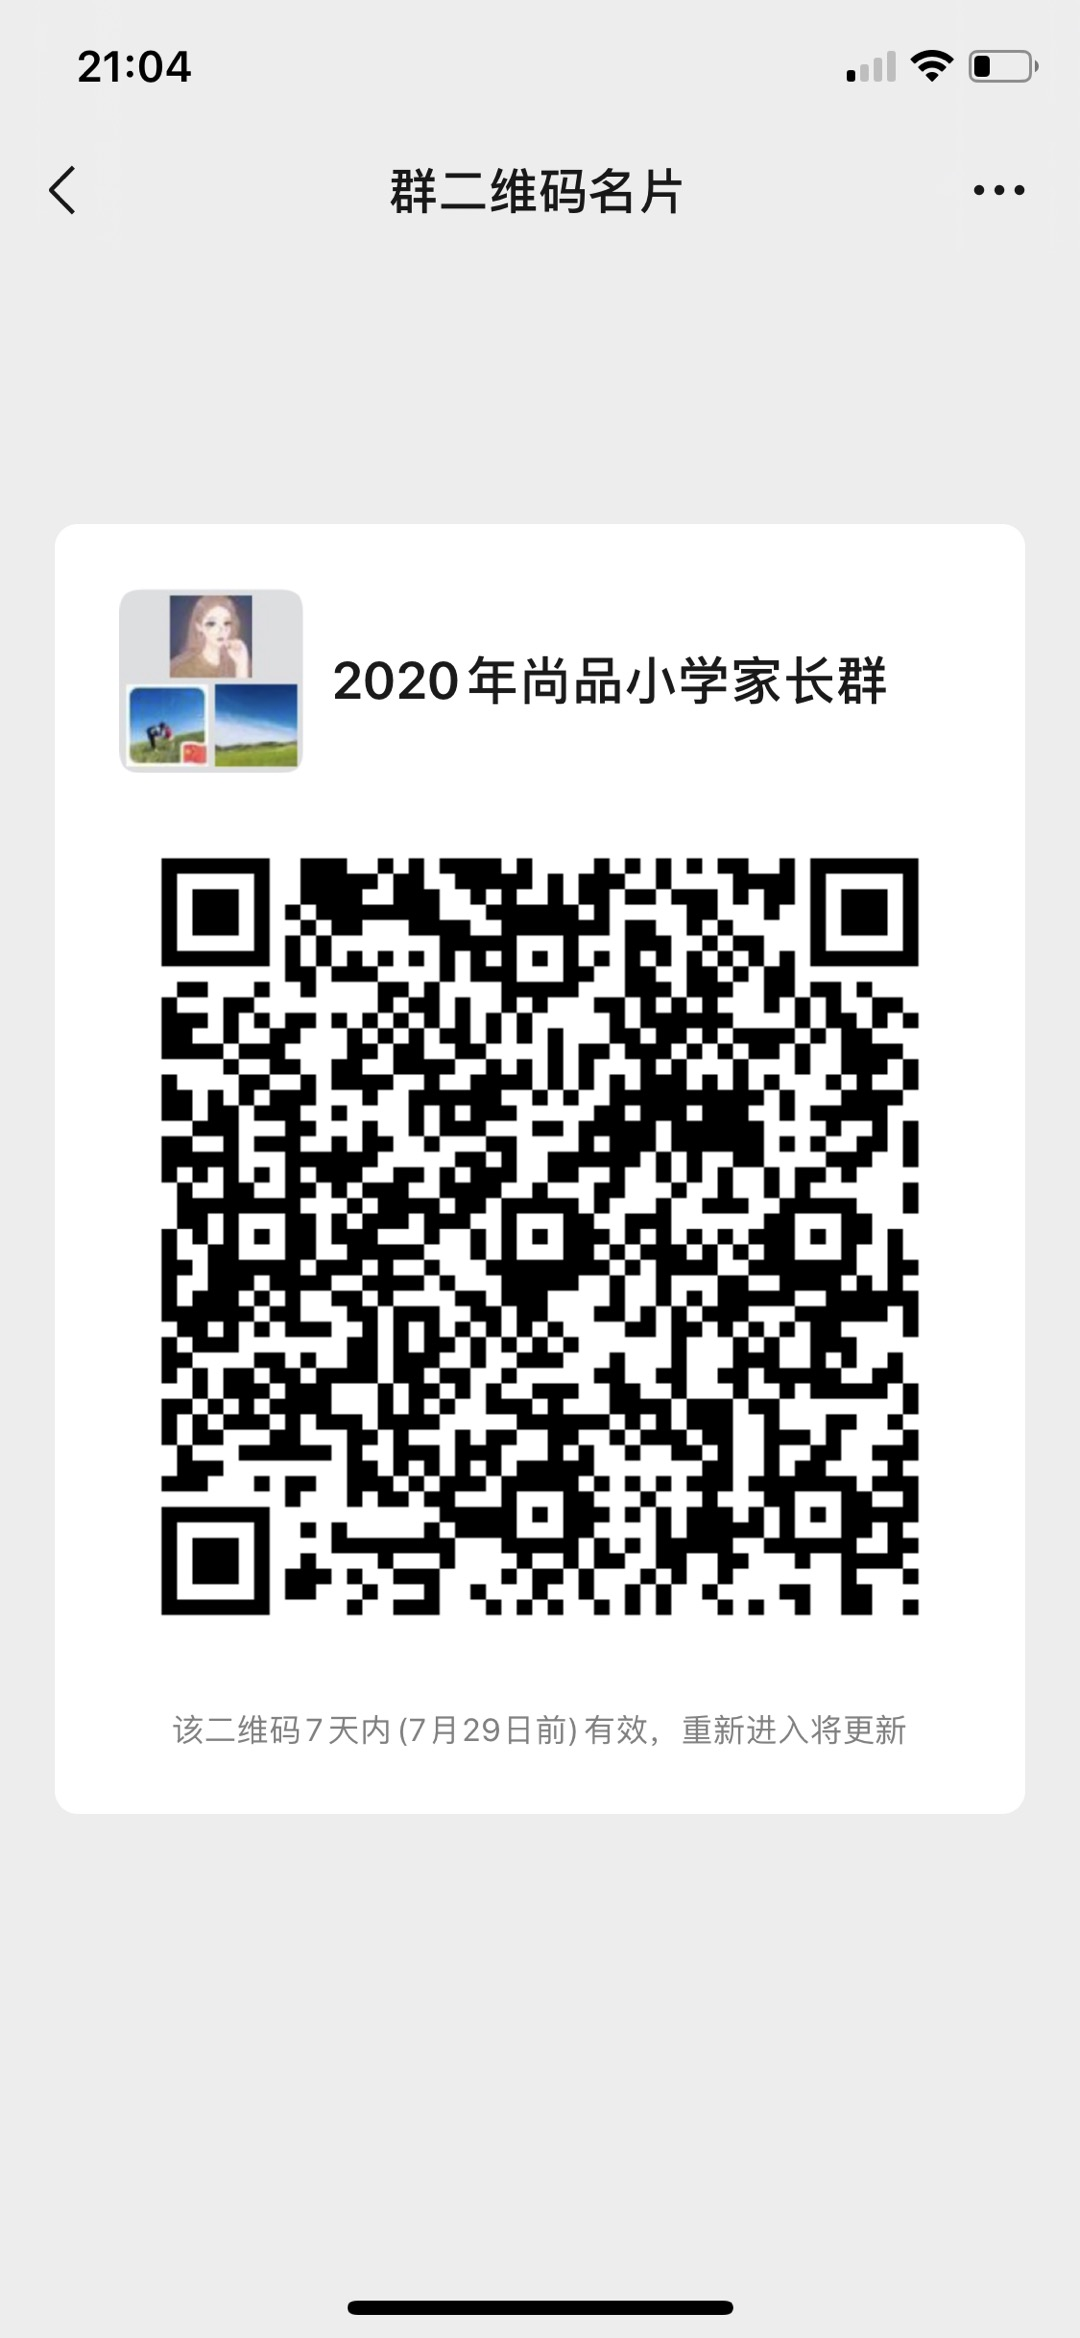 BCB82D85-1FEB-450F-B04B-E1A65D0F2059.jpg